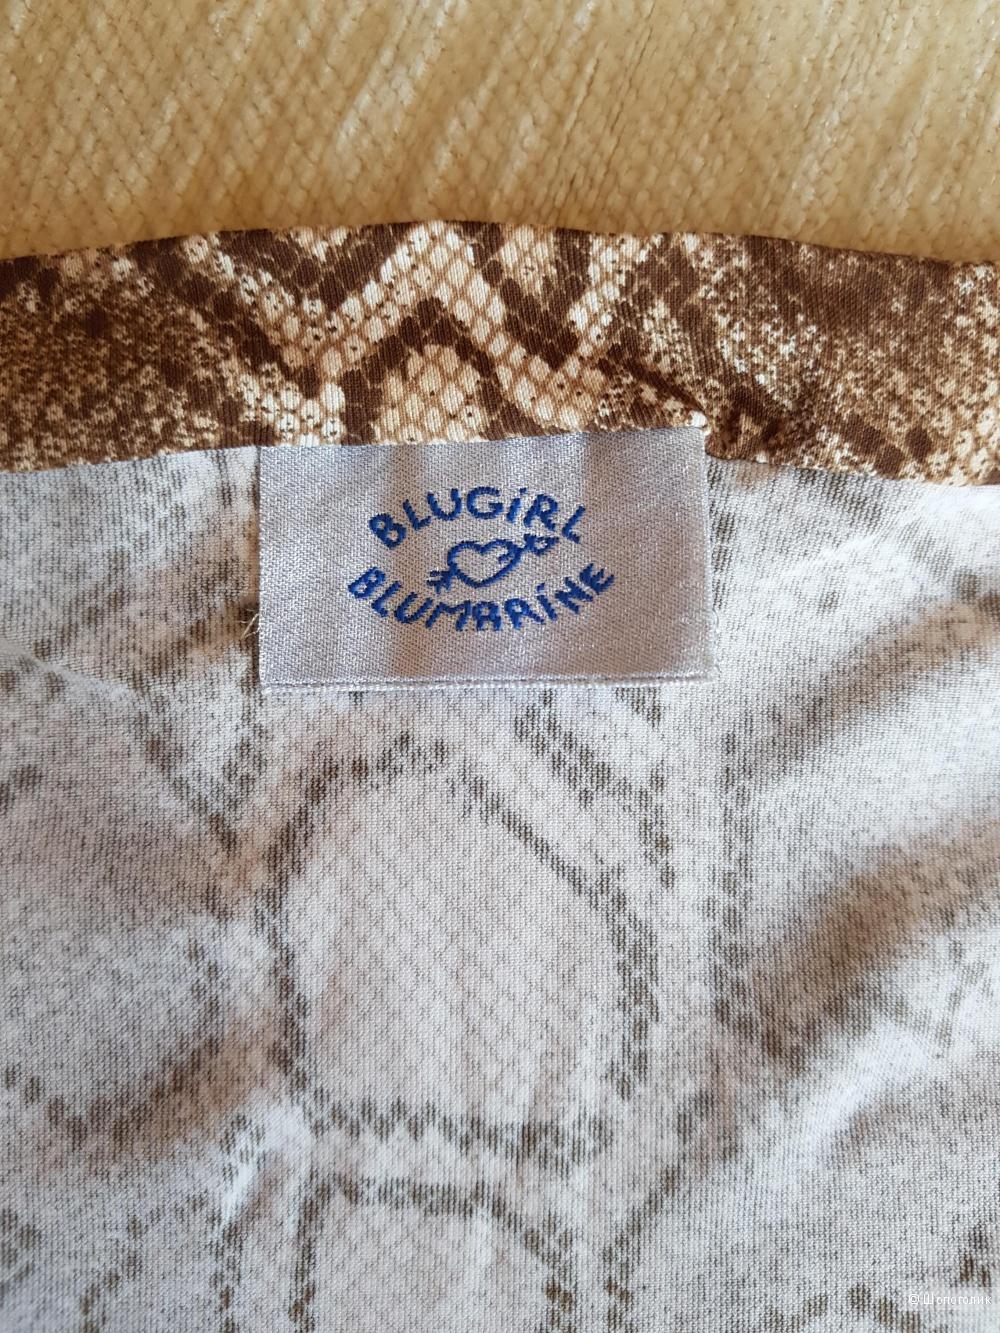 Пляжная юбка Blumarine, размер S